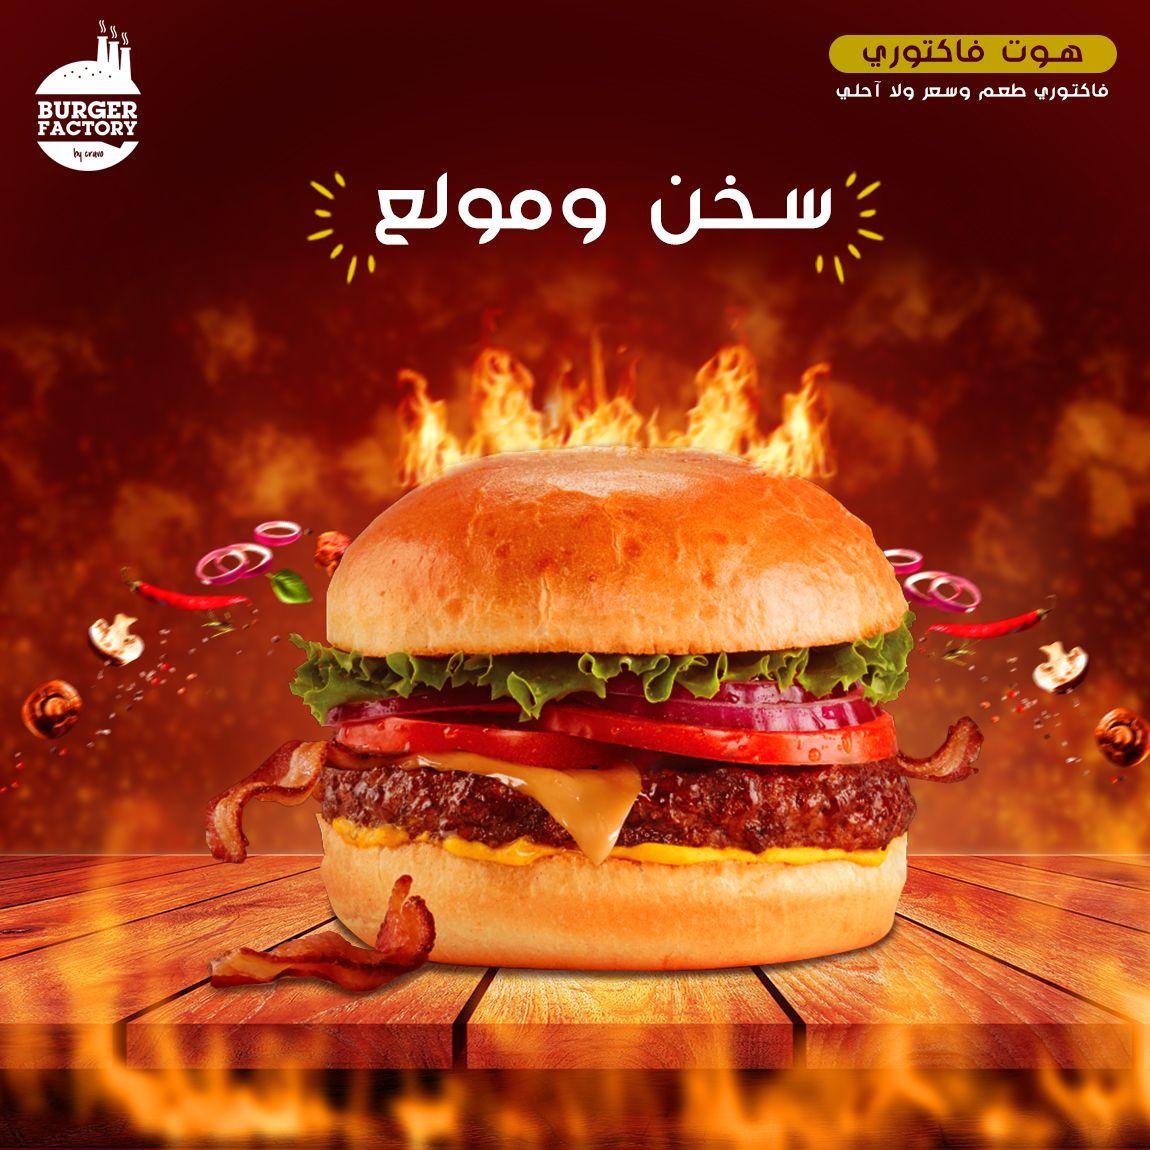 Burger Social Media Design Social Media Design Social Media Campaign Design Interactive Web Design